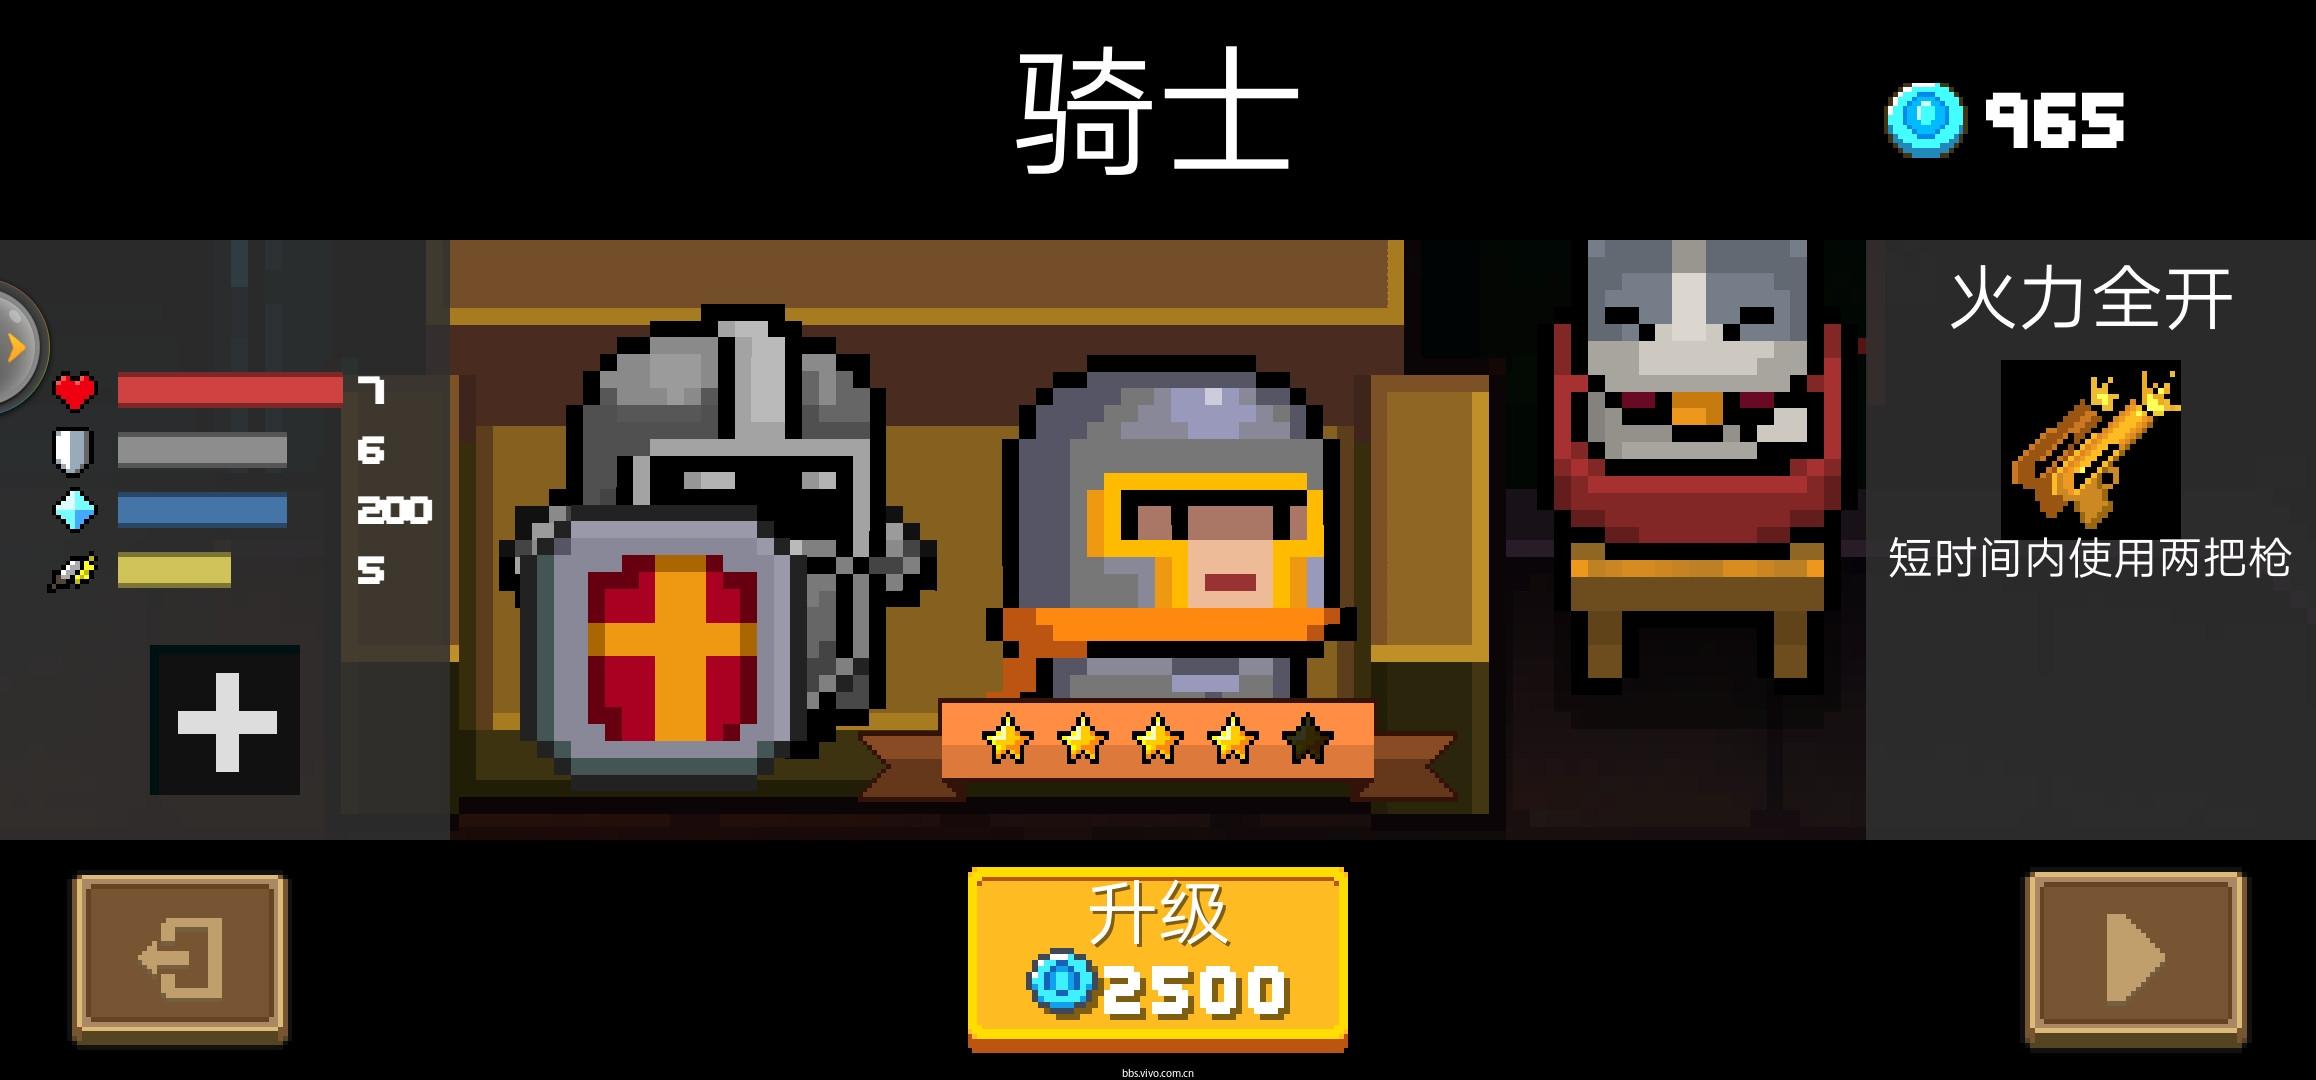 元气骑士02.jpg